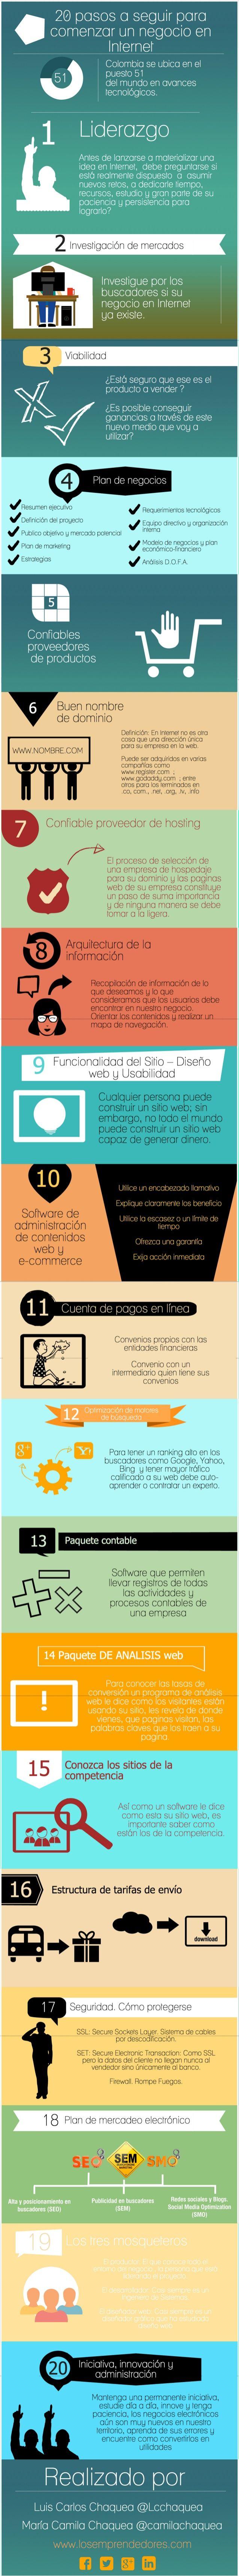 20 pasos para comenzar un negocio en Internet - http://www.rubenalonso.es/2014/03/20-pasos-para-comenzar-un-negocio-en.html